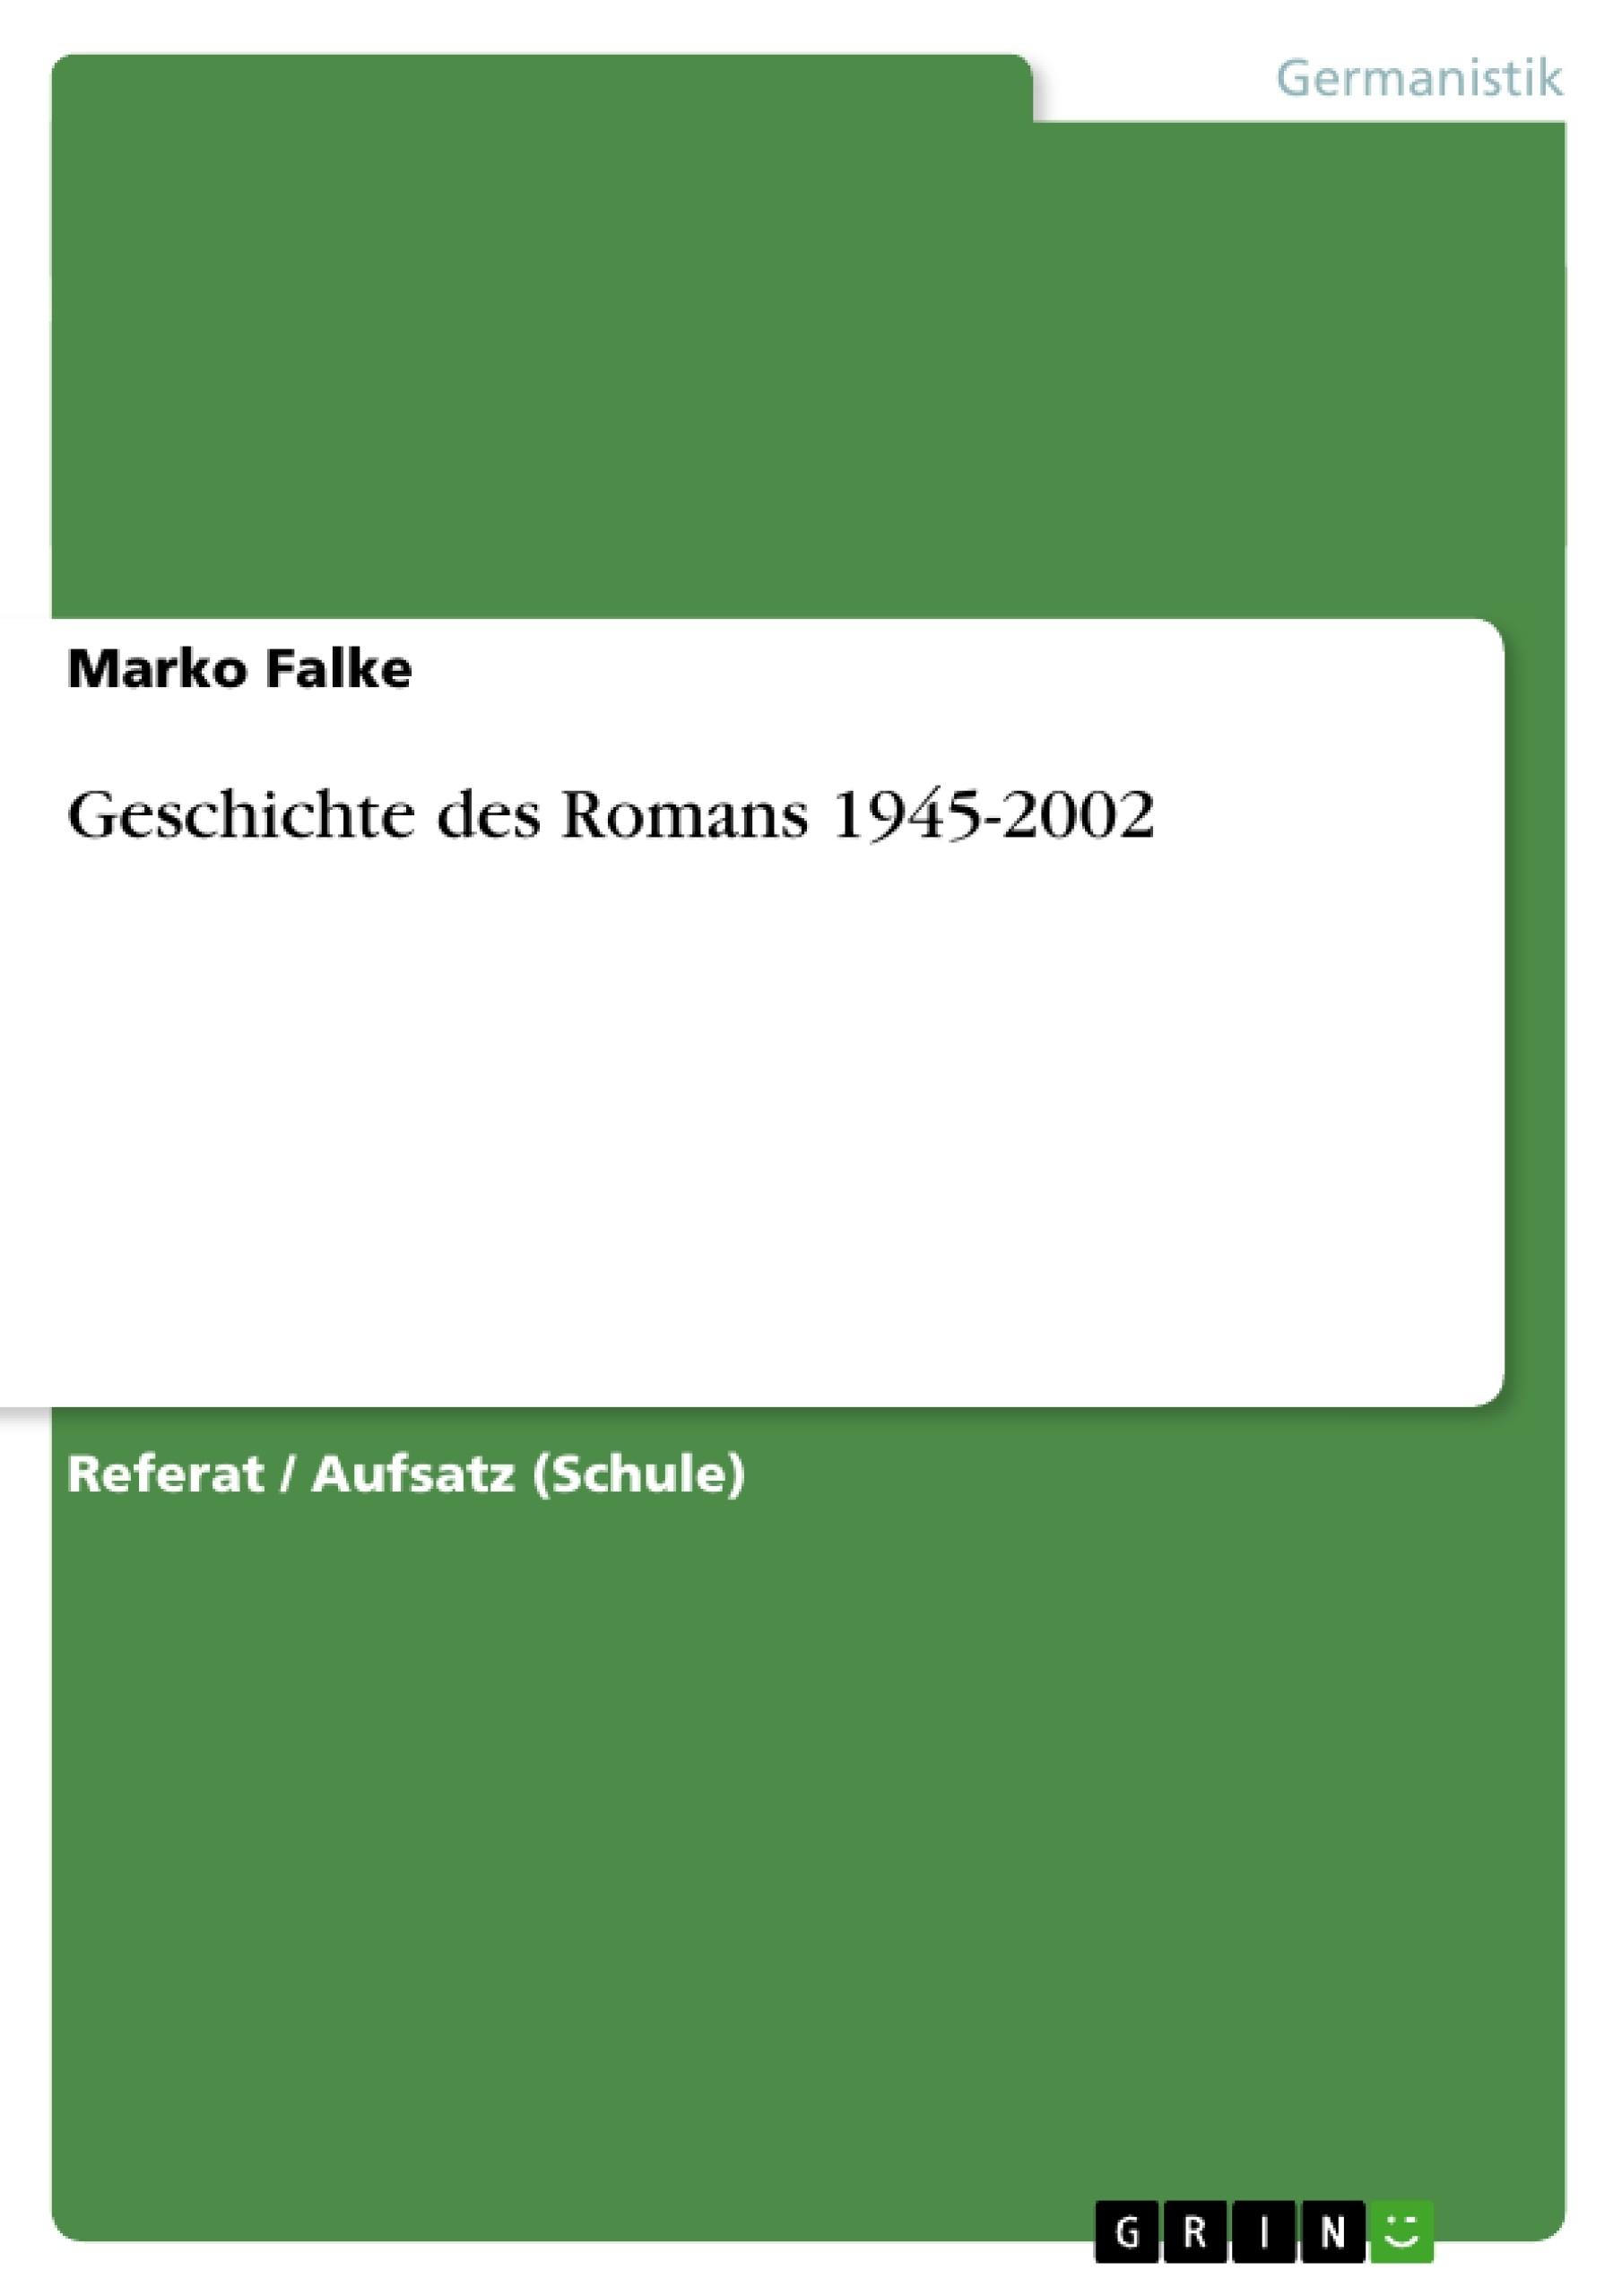 Titel: Geschichte des Romans 1945-2002